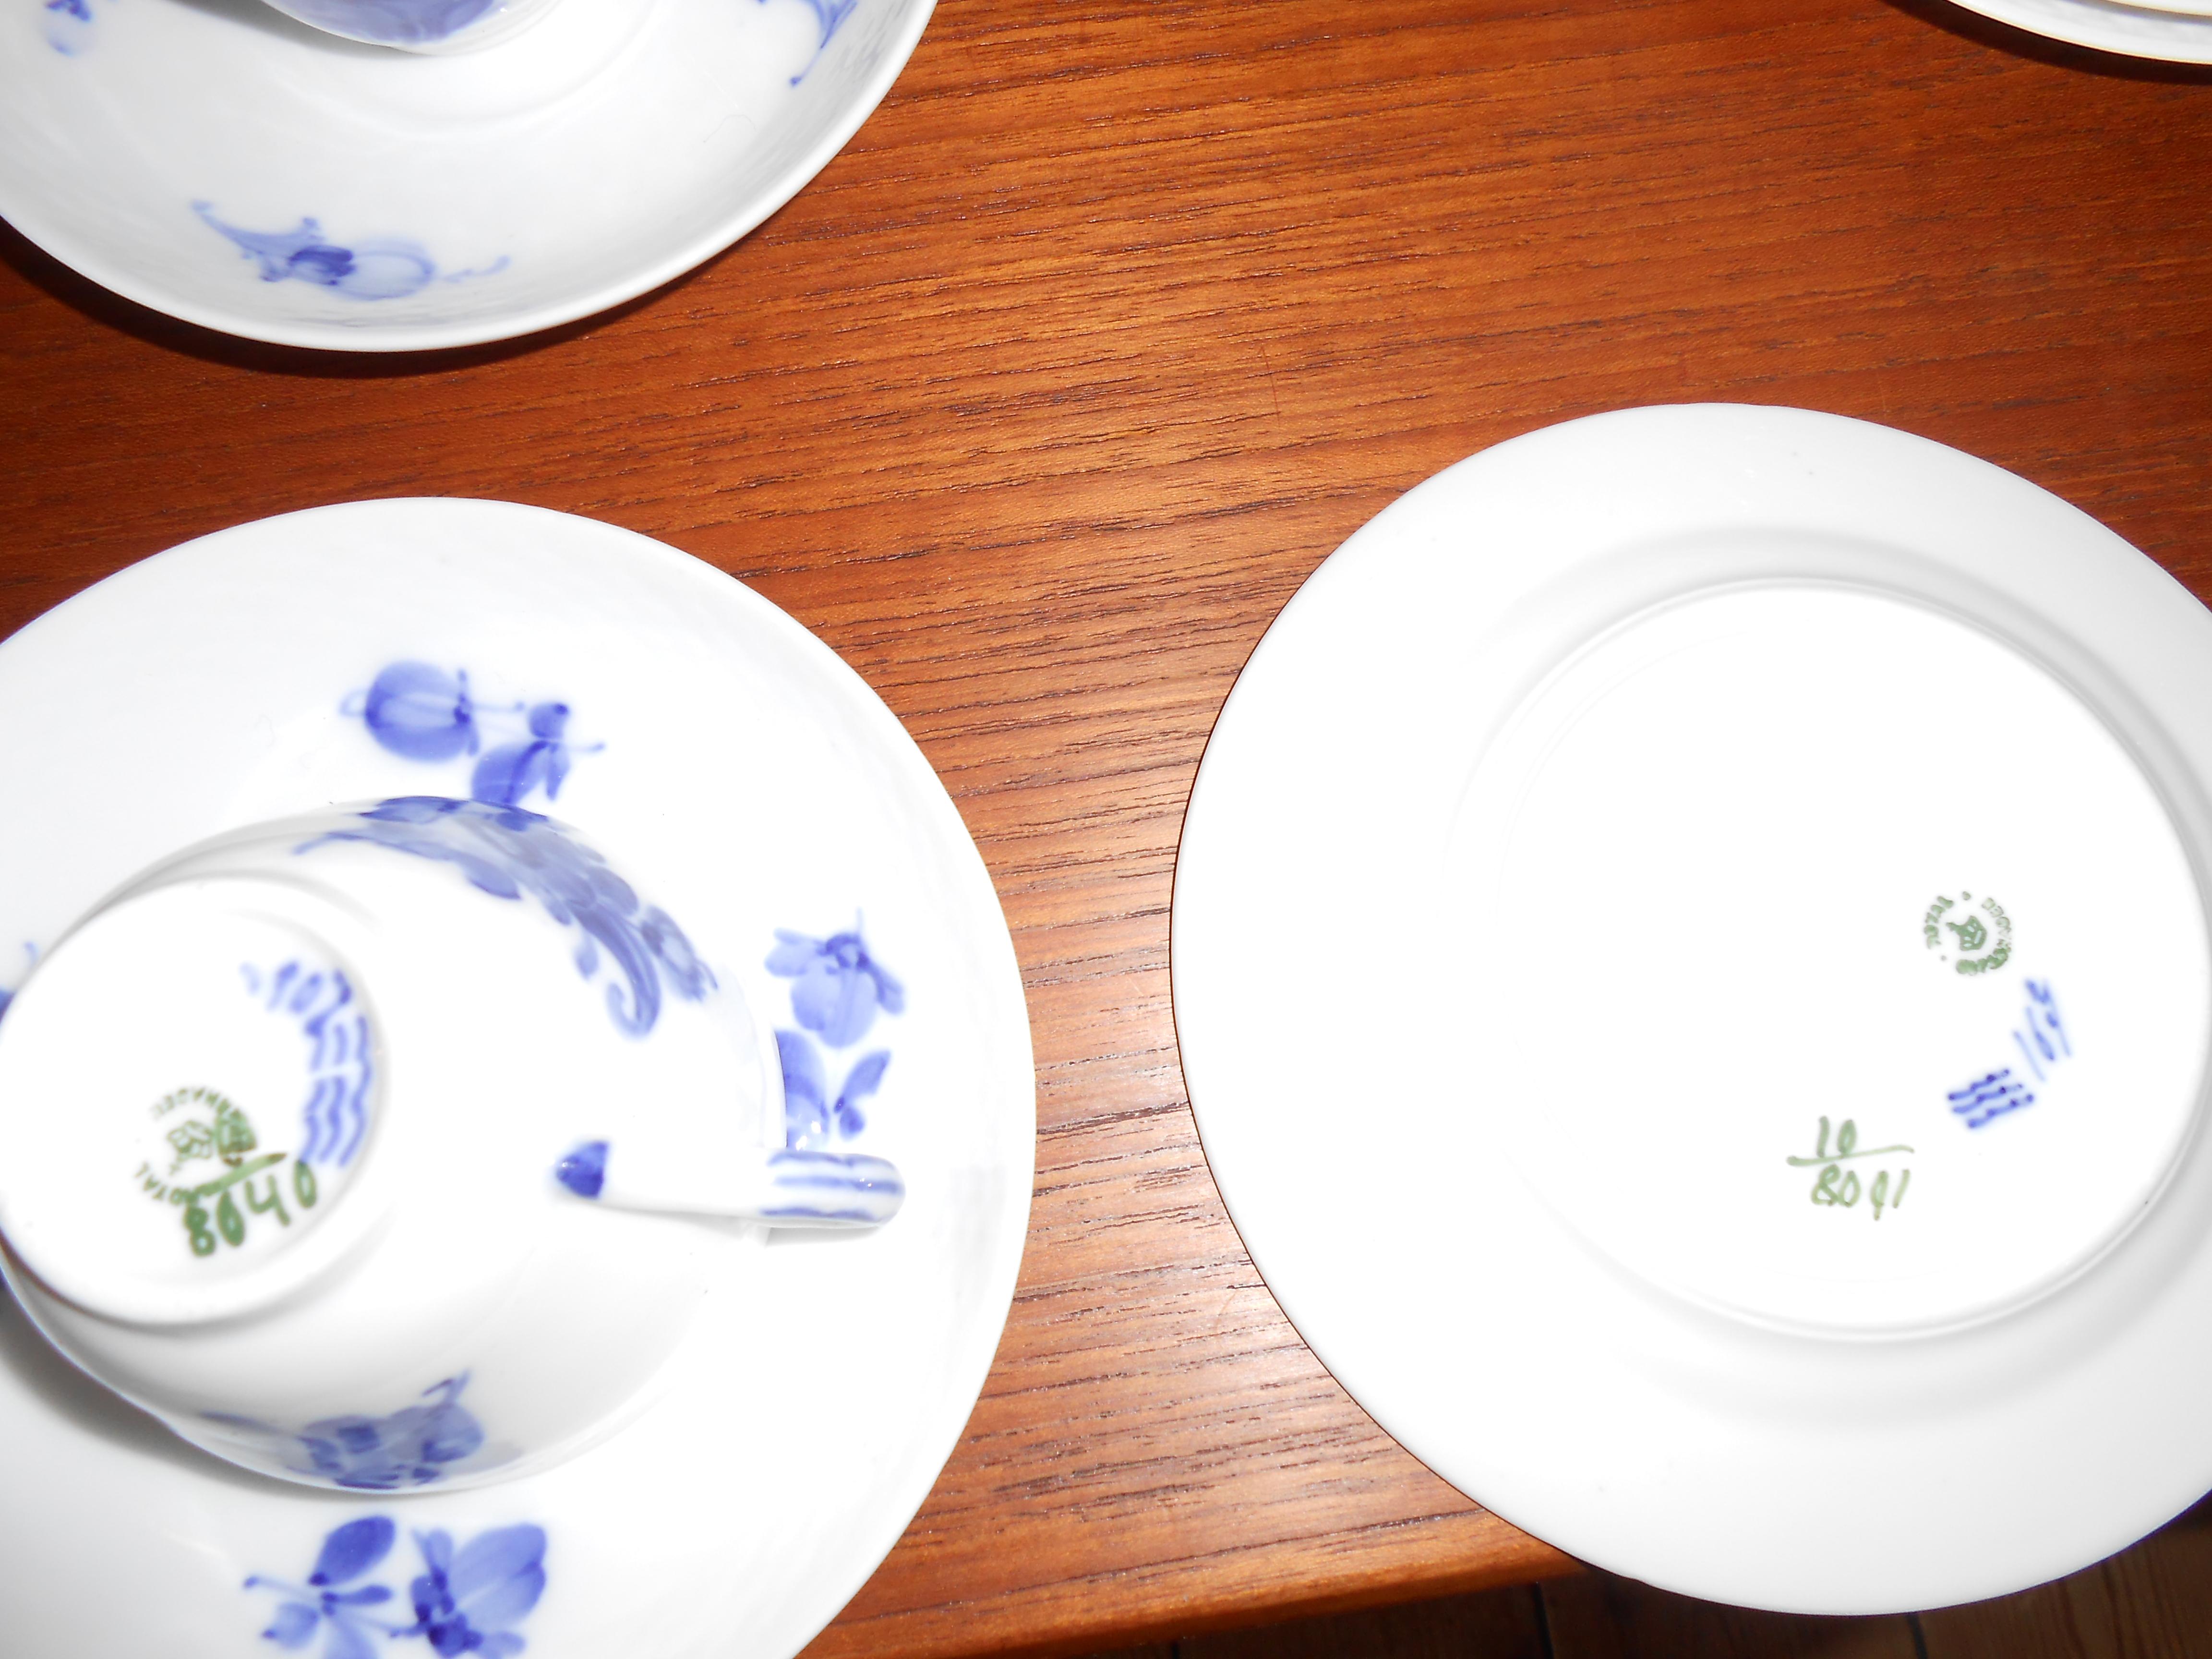 Kongeligt porcelæn – blå blomst kaffestel